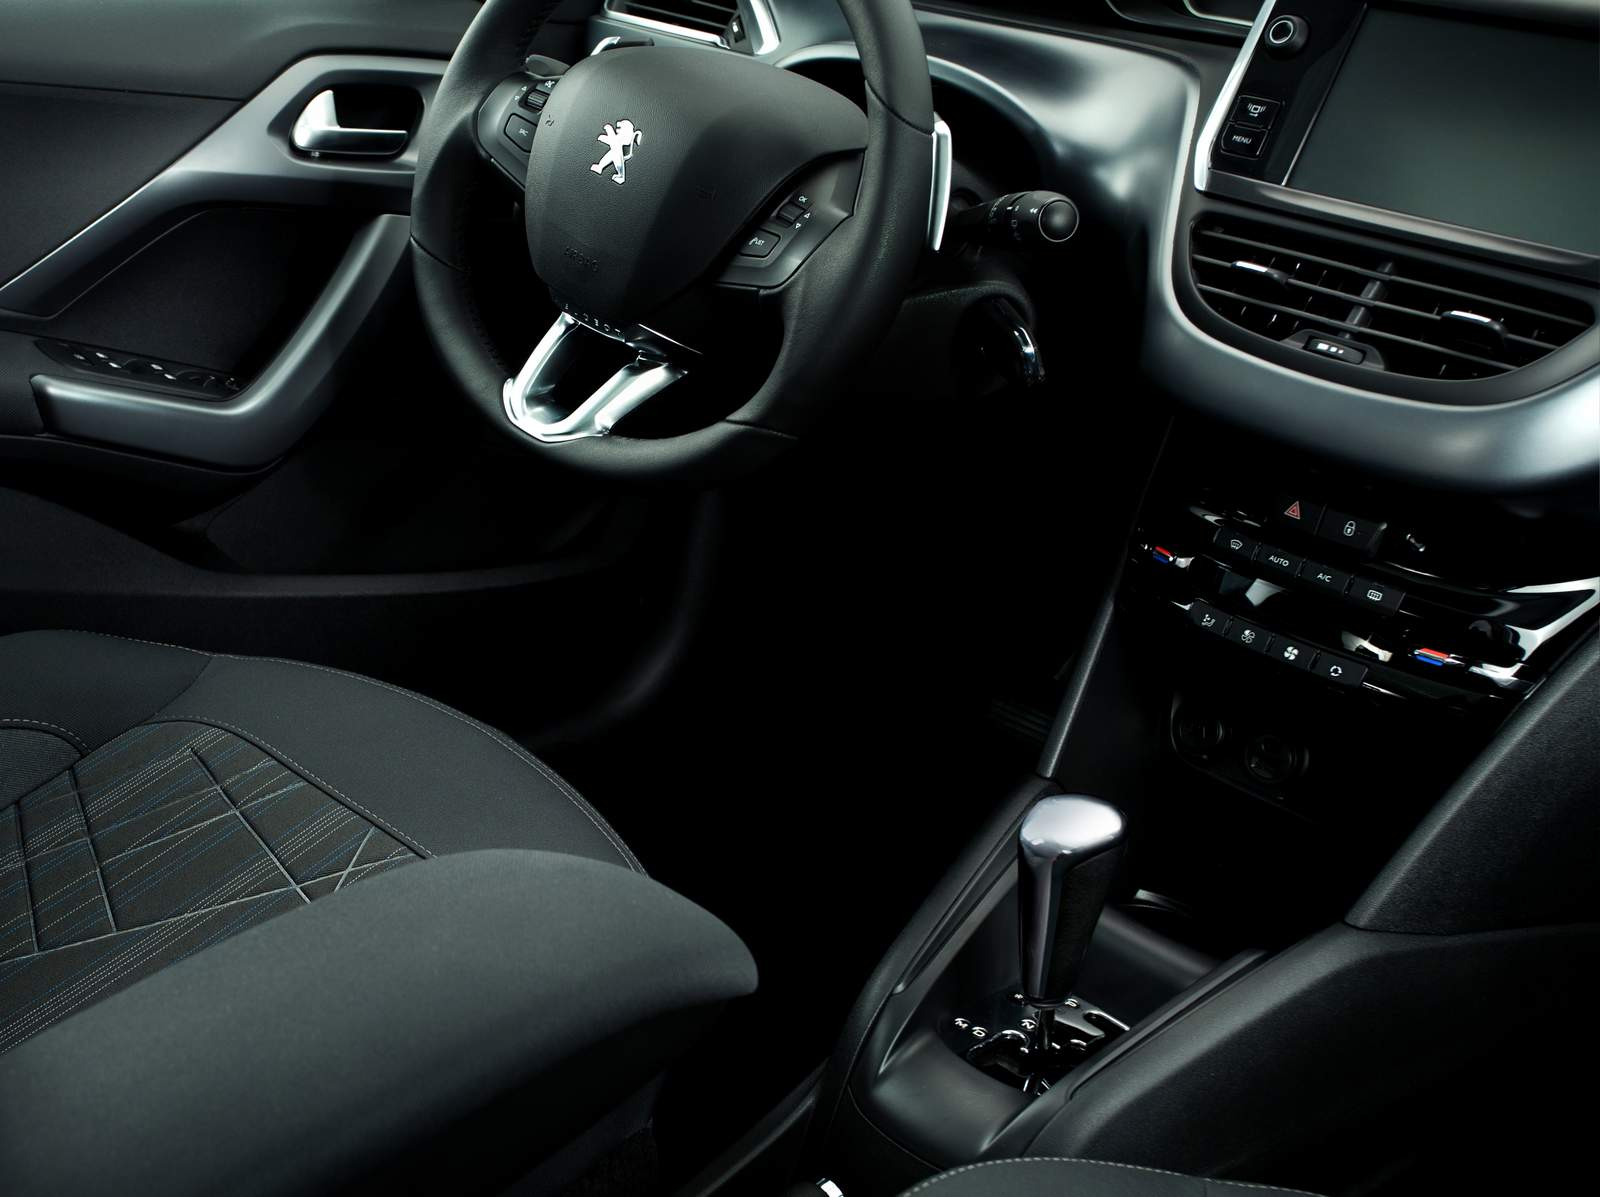 Peugeot 208 Automático 2017 - Preço